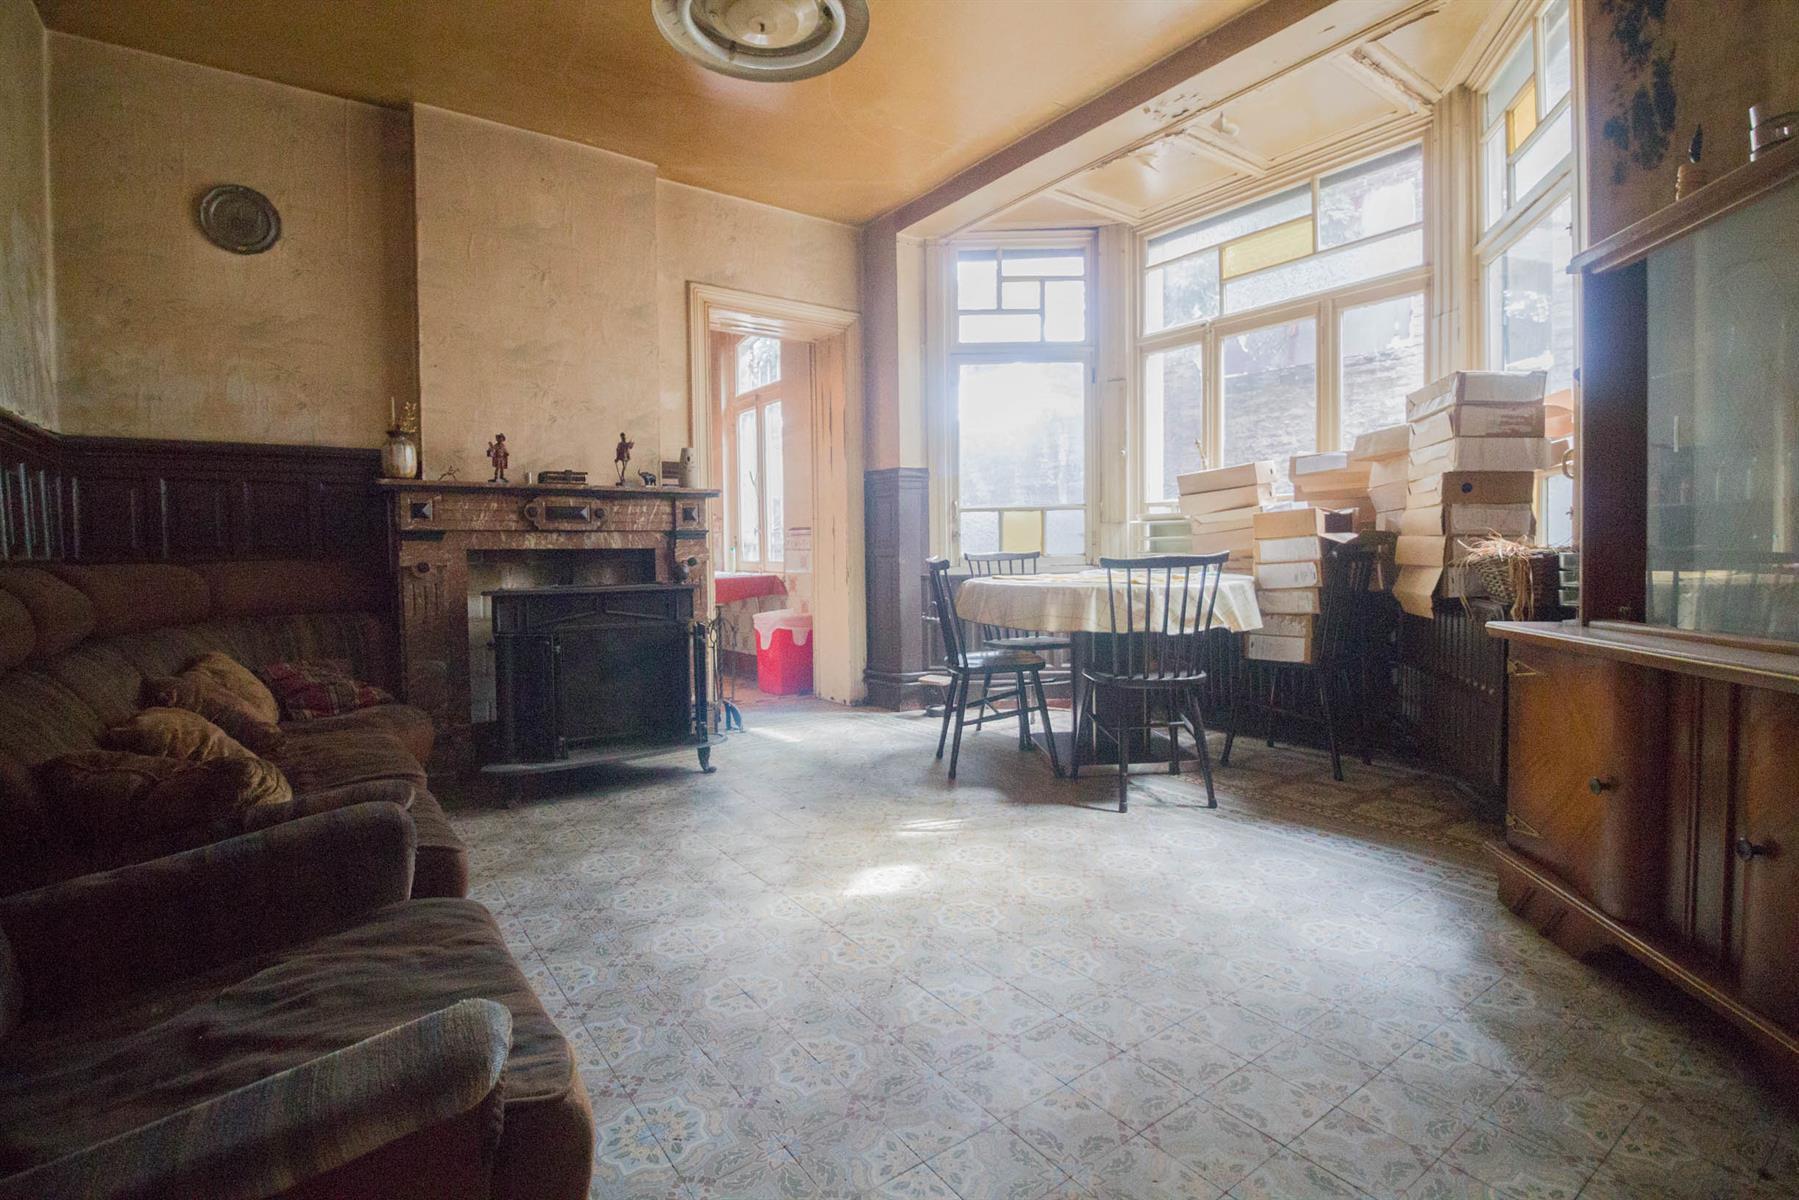 Maison de maître - Dampremy - #4373994-7